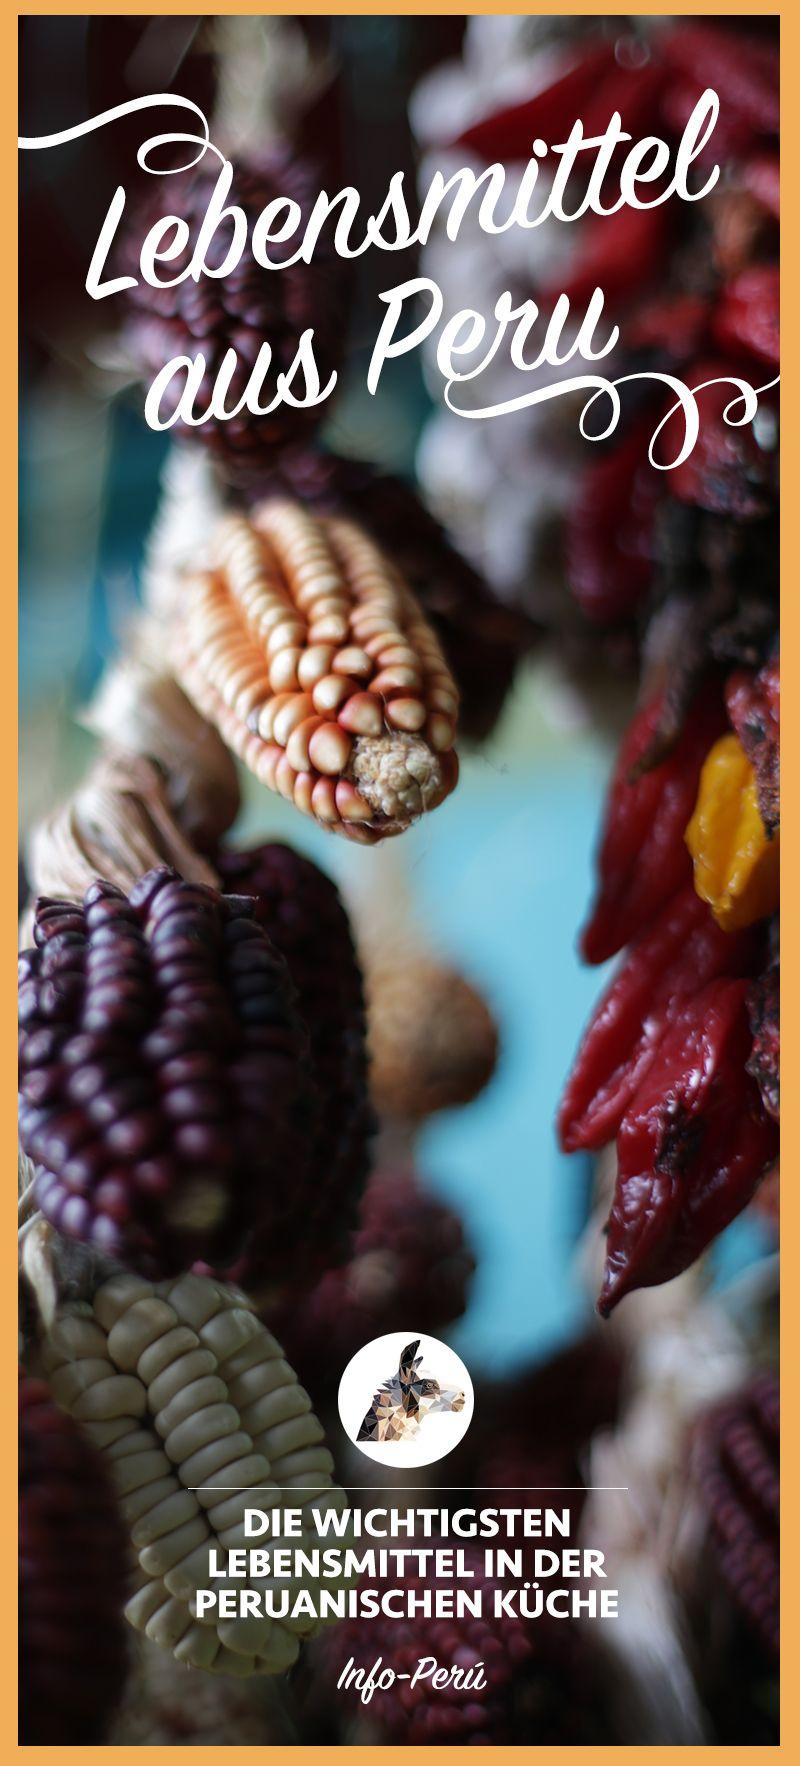 Erfahre mehr über wichtige Lebensmittel und Zutaten der peruanischen Küche!